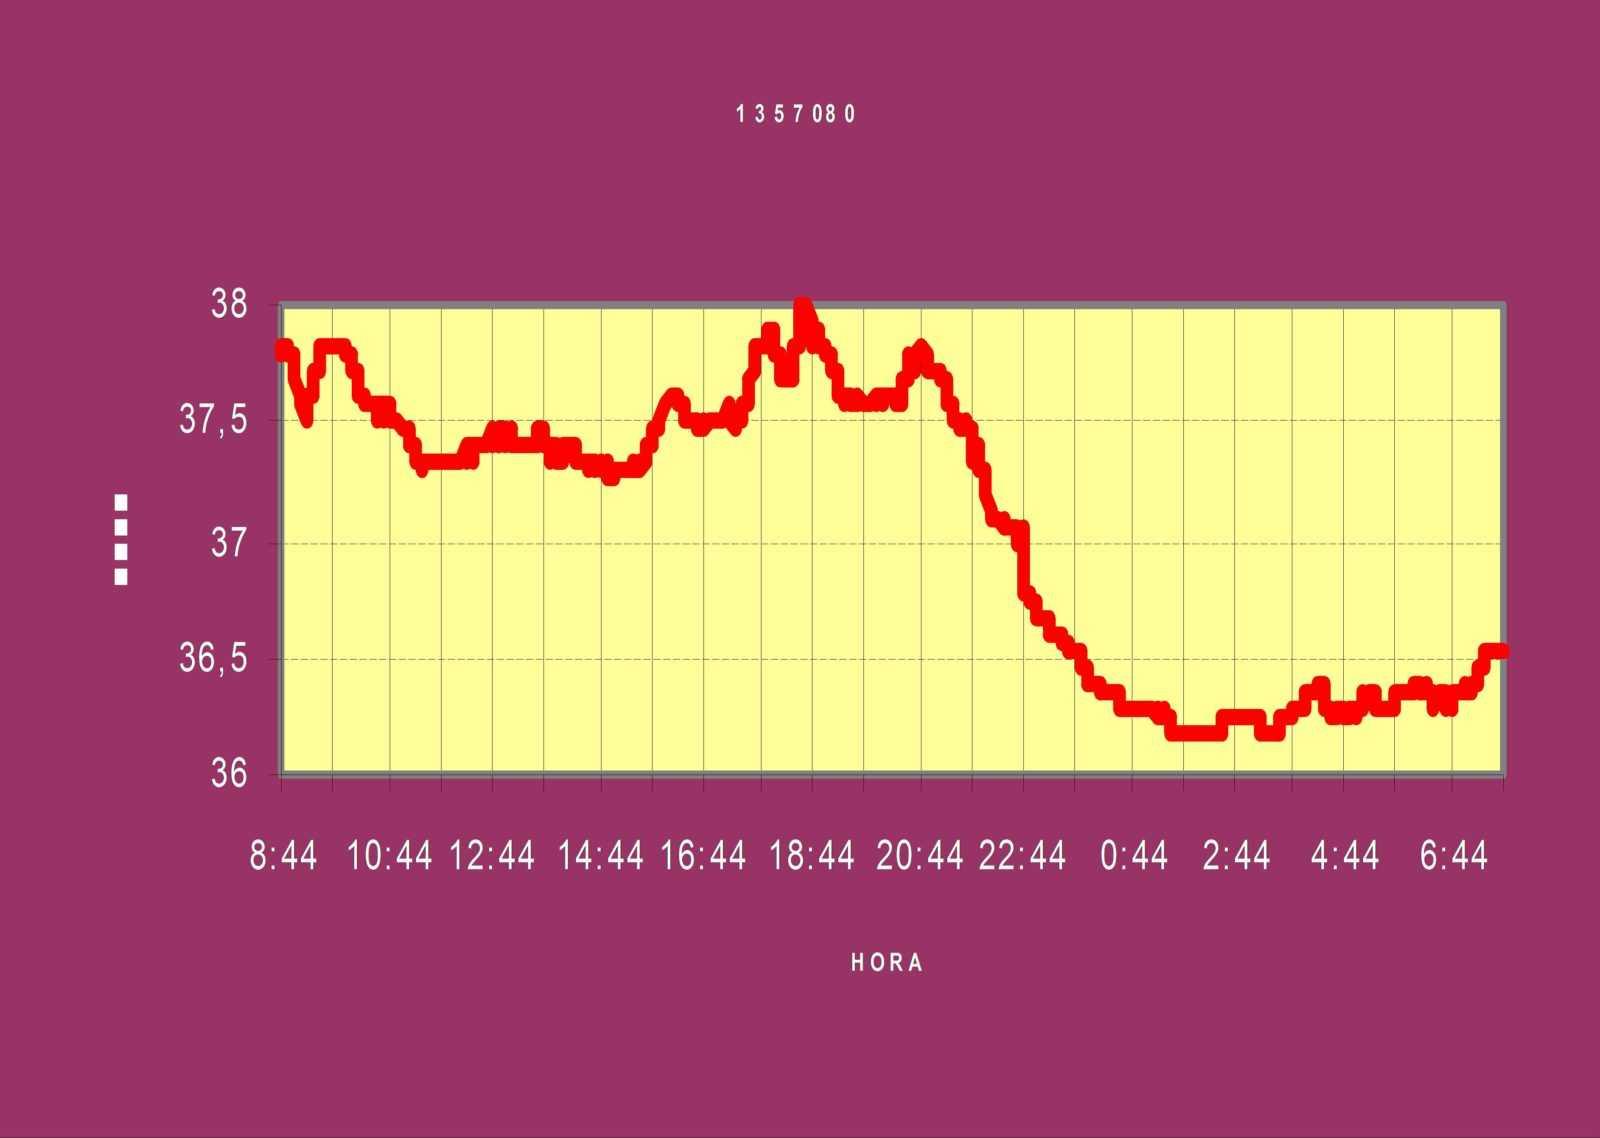 curva de temperatura corporal 24 horas